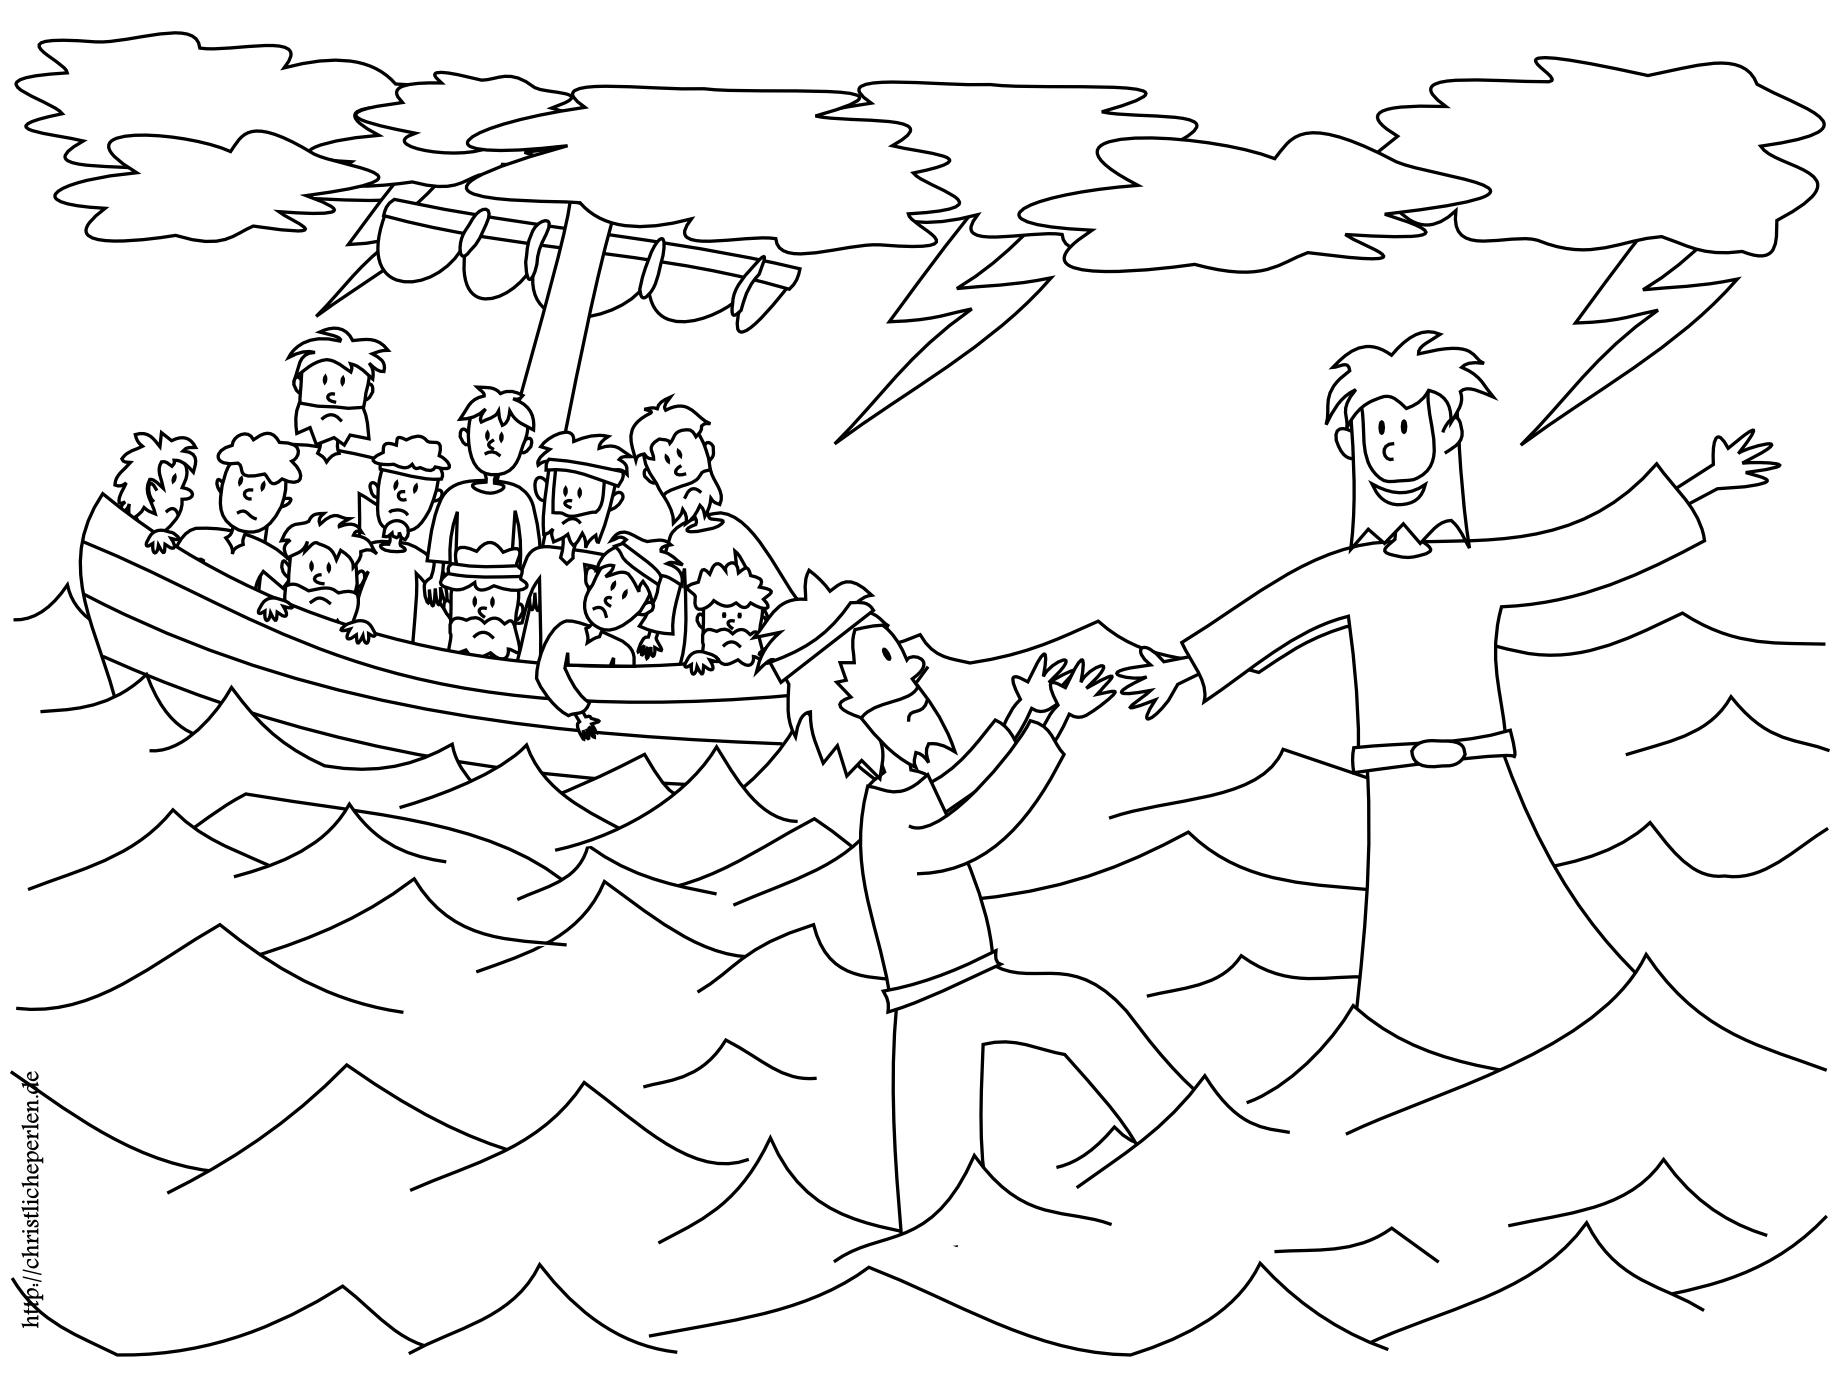 Ungewöhnlich Ausmalbilder Von Jesus Bilder - Druckbare Malvorlagen ...